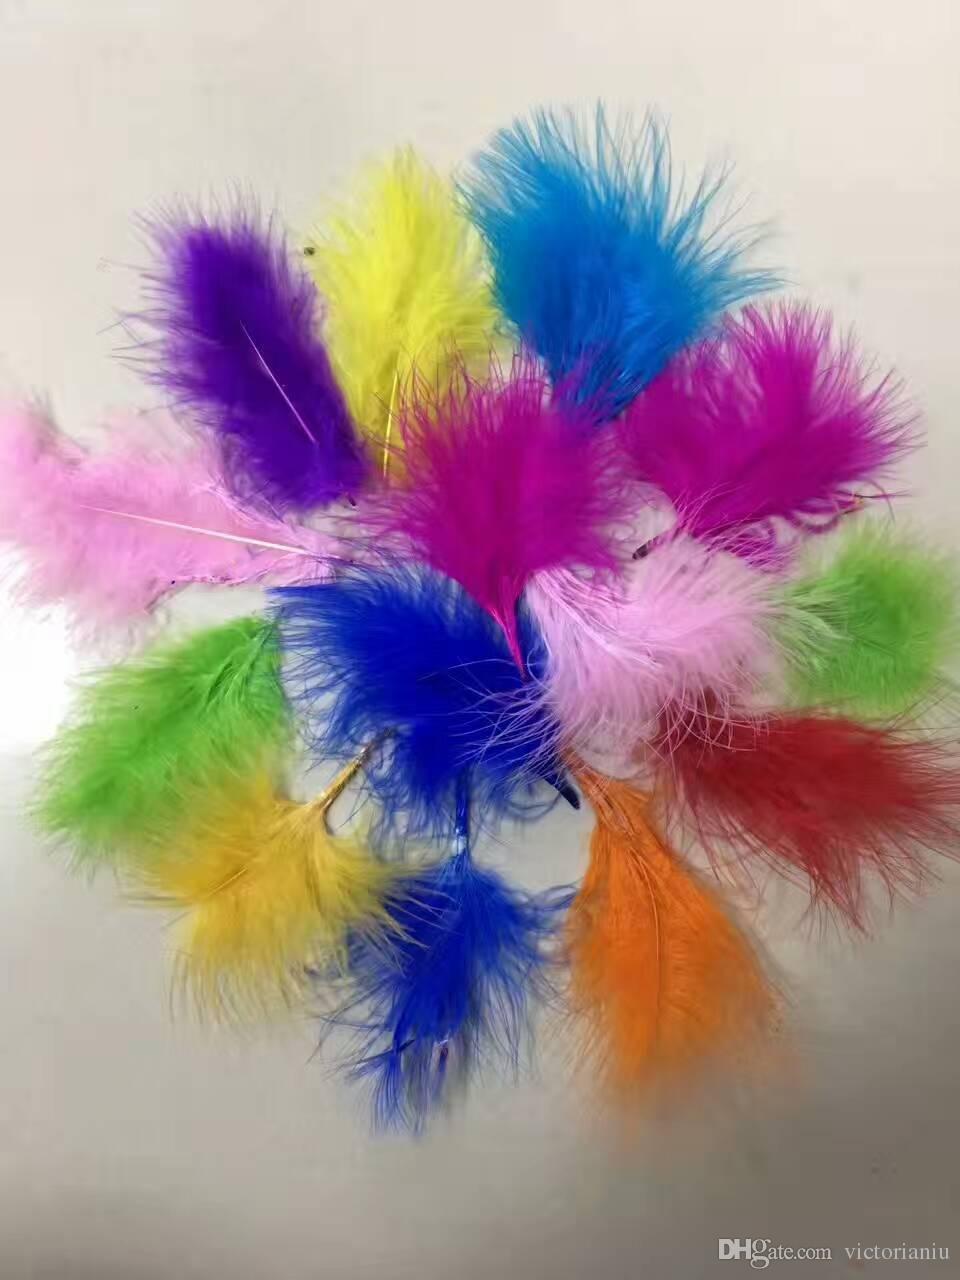 Atacado cores aleatórias 10-15cm penas de marabu ganso macio por balão transparente